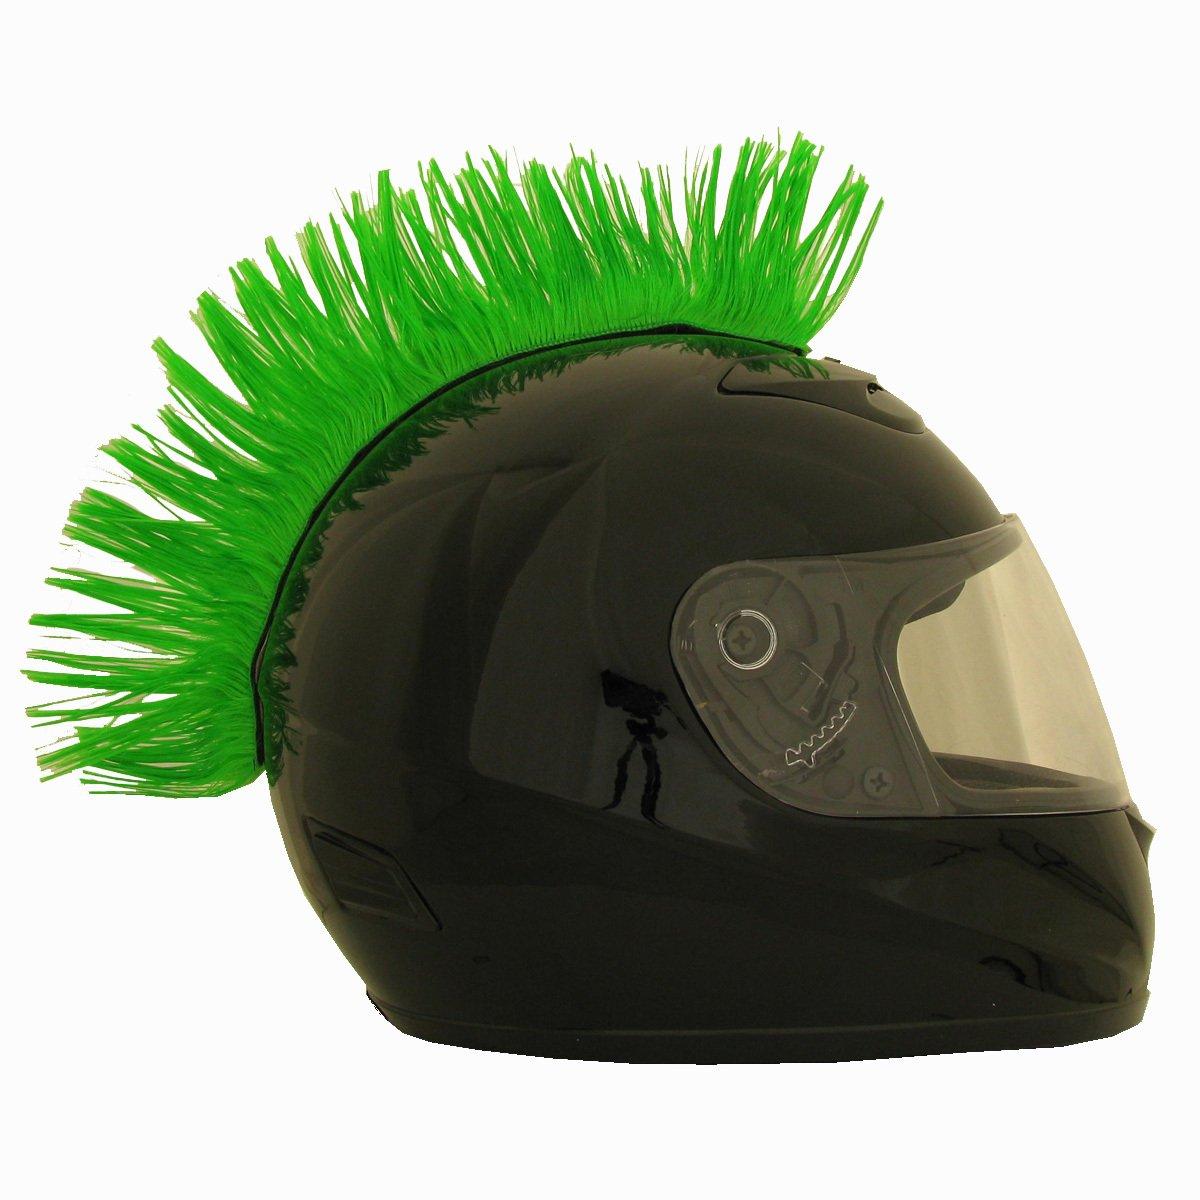 Motorcycle Ski Bicycle Helmet Mohawk Red Green Blue Black Helmet Hair (Green)